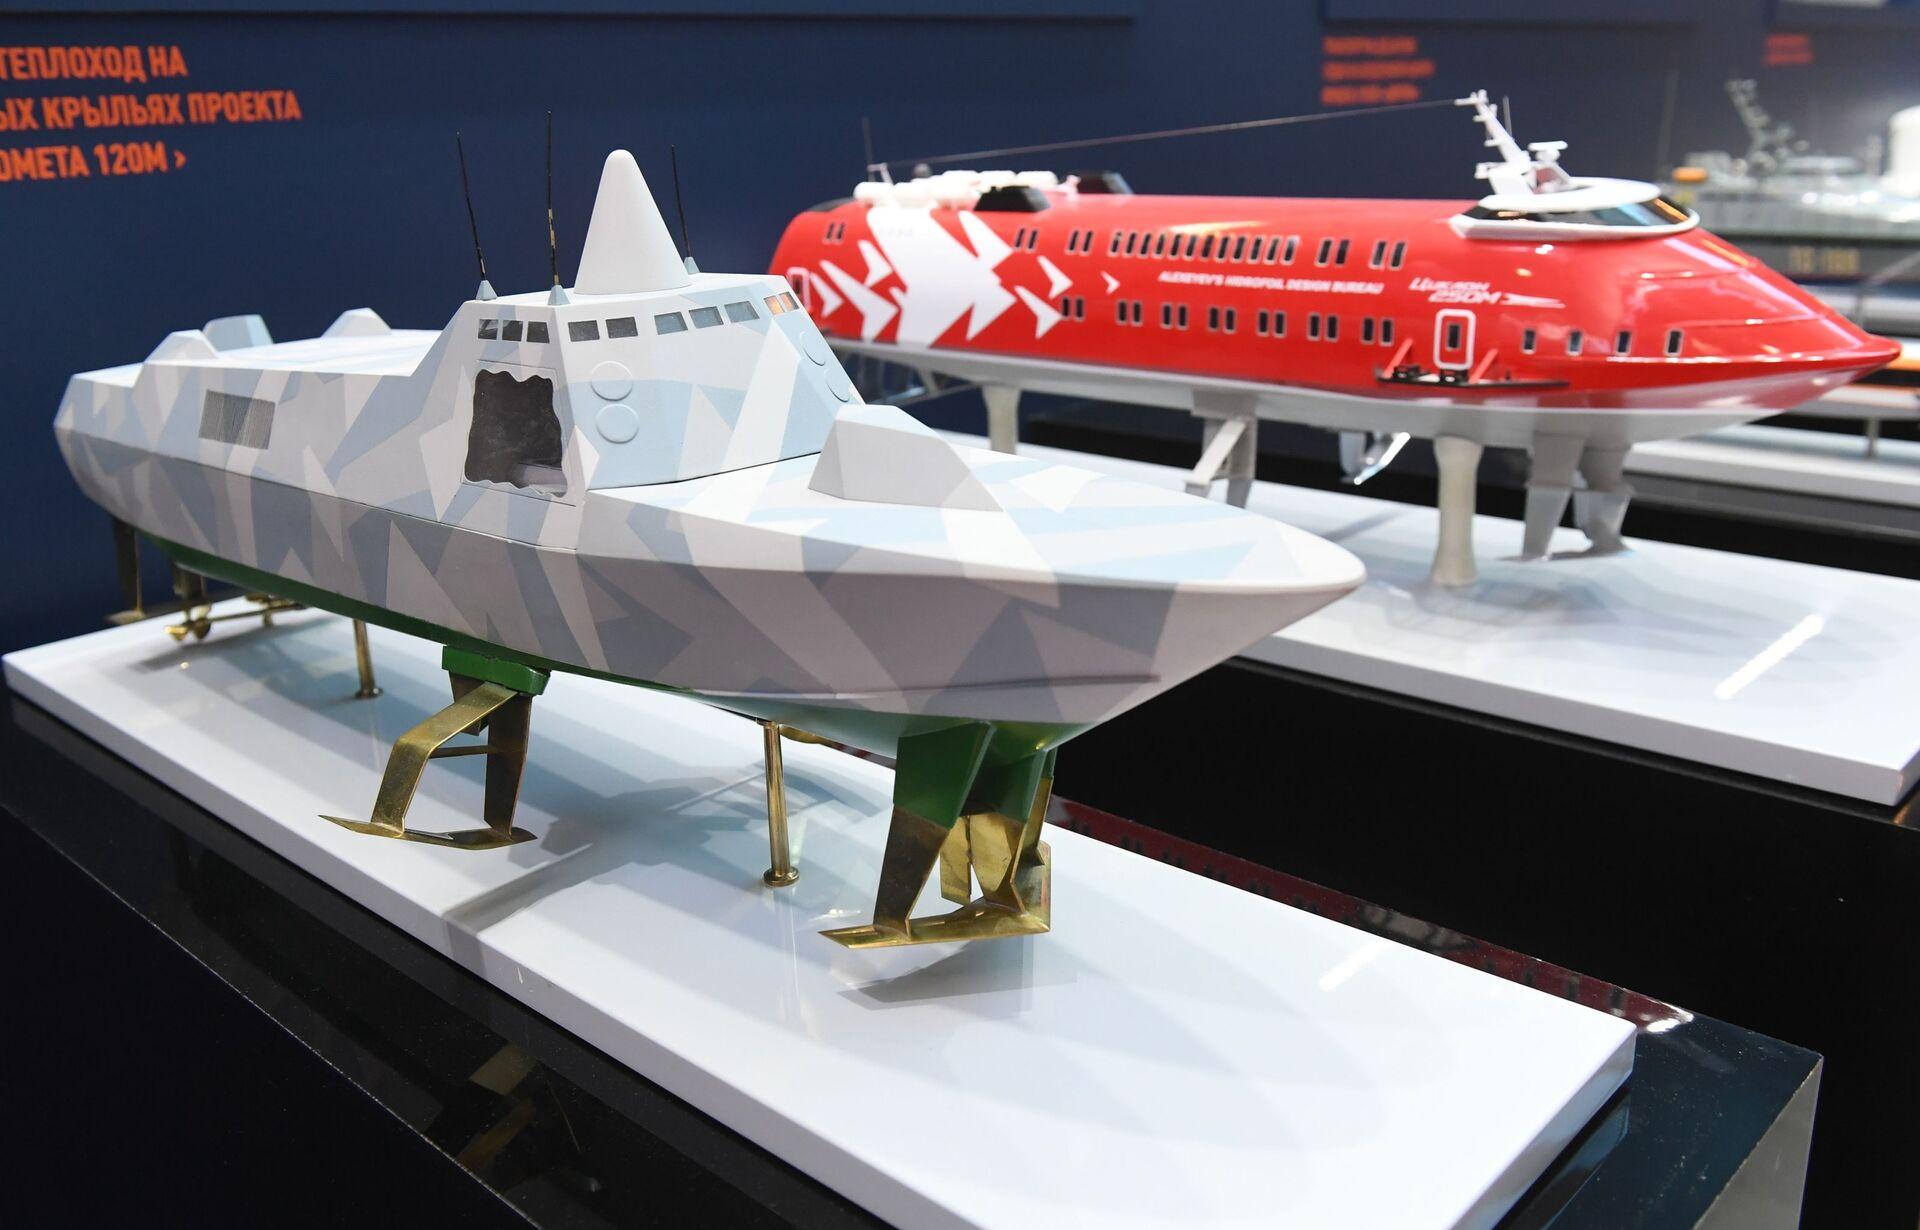 Mô hình tàu cánh ngầm tên lửa dự án 133RA (mã hiệu Antares RA) và mô hình dự án tàu cánh ngầm chở khách đường biển cỡ lớn Cyclone 250M - Sputnik Việt Nam, 1920, 05.10.2021